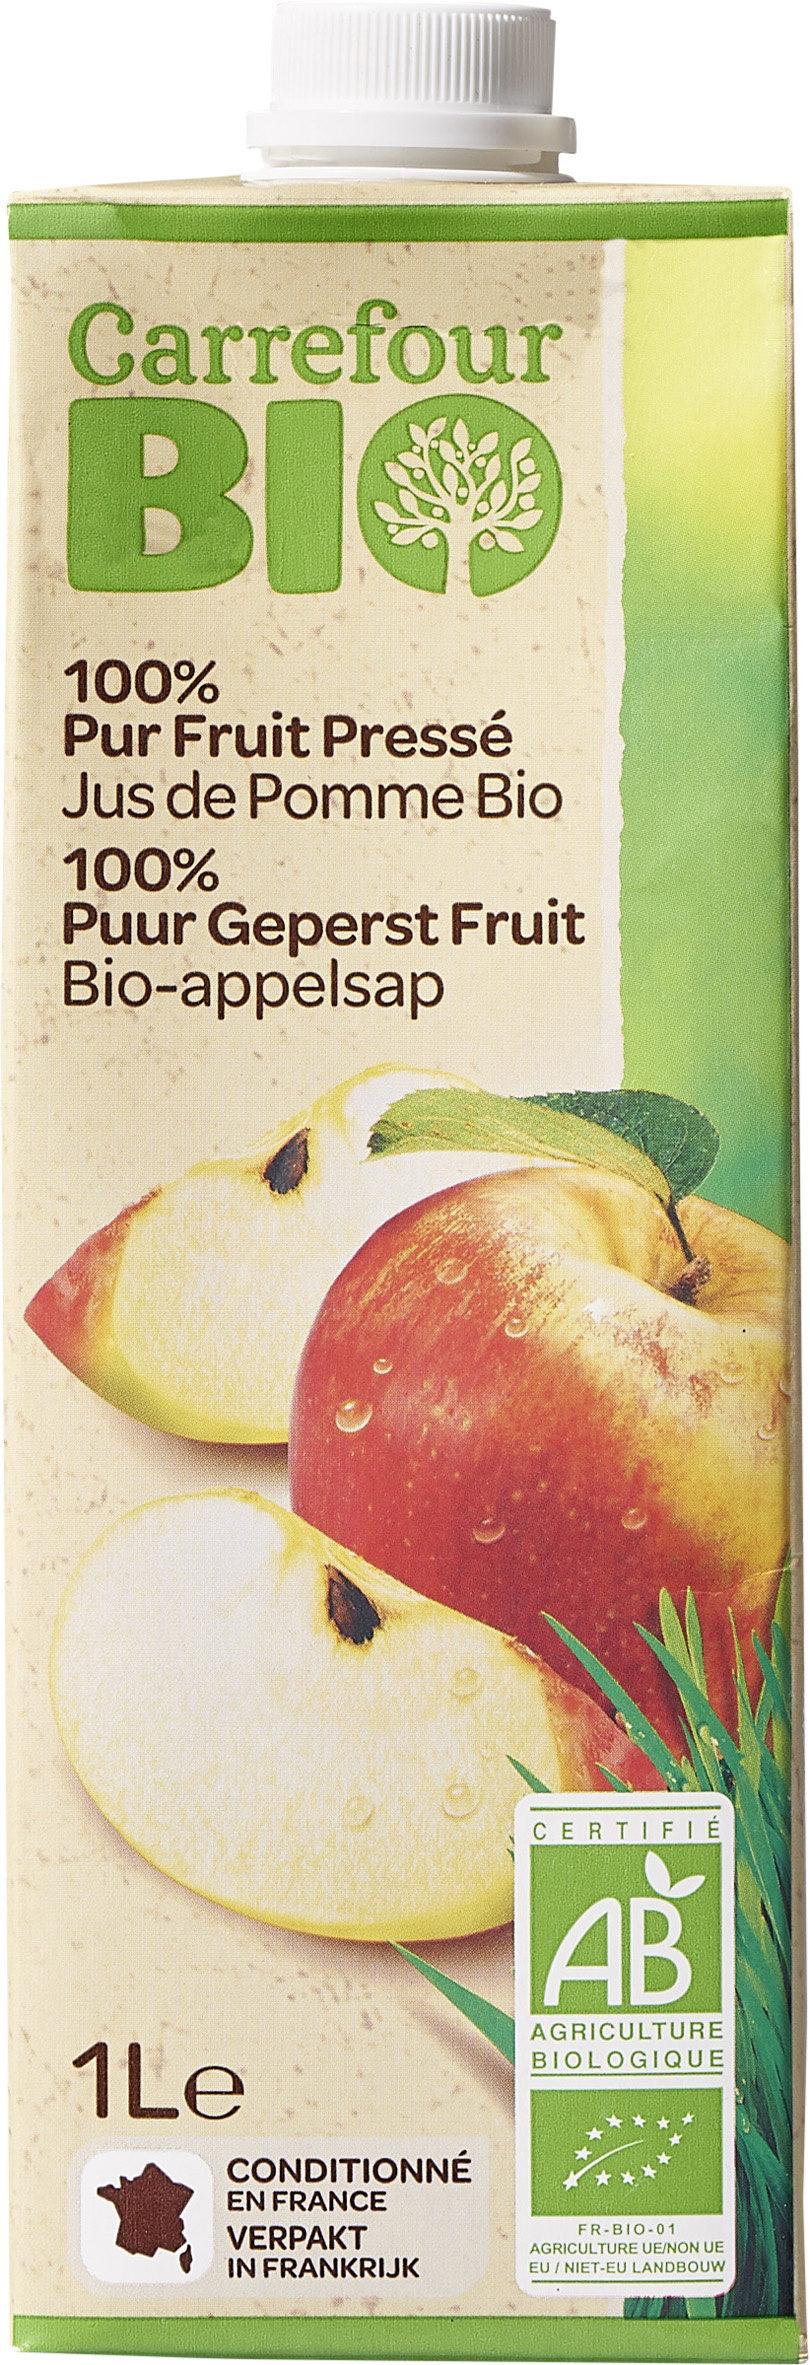 100% Pur Fruit Pressé Jus de Pomme Bio - Product